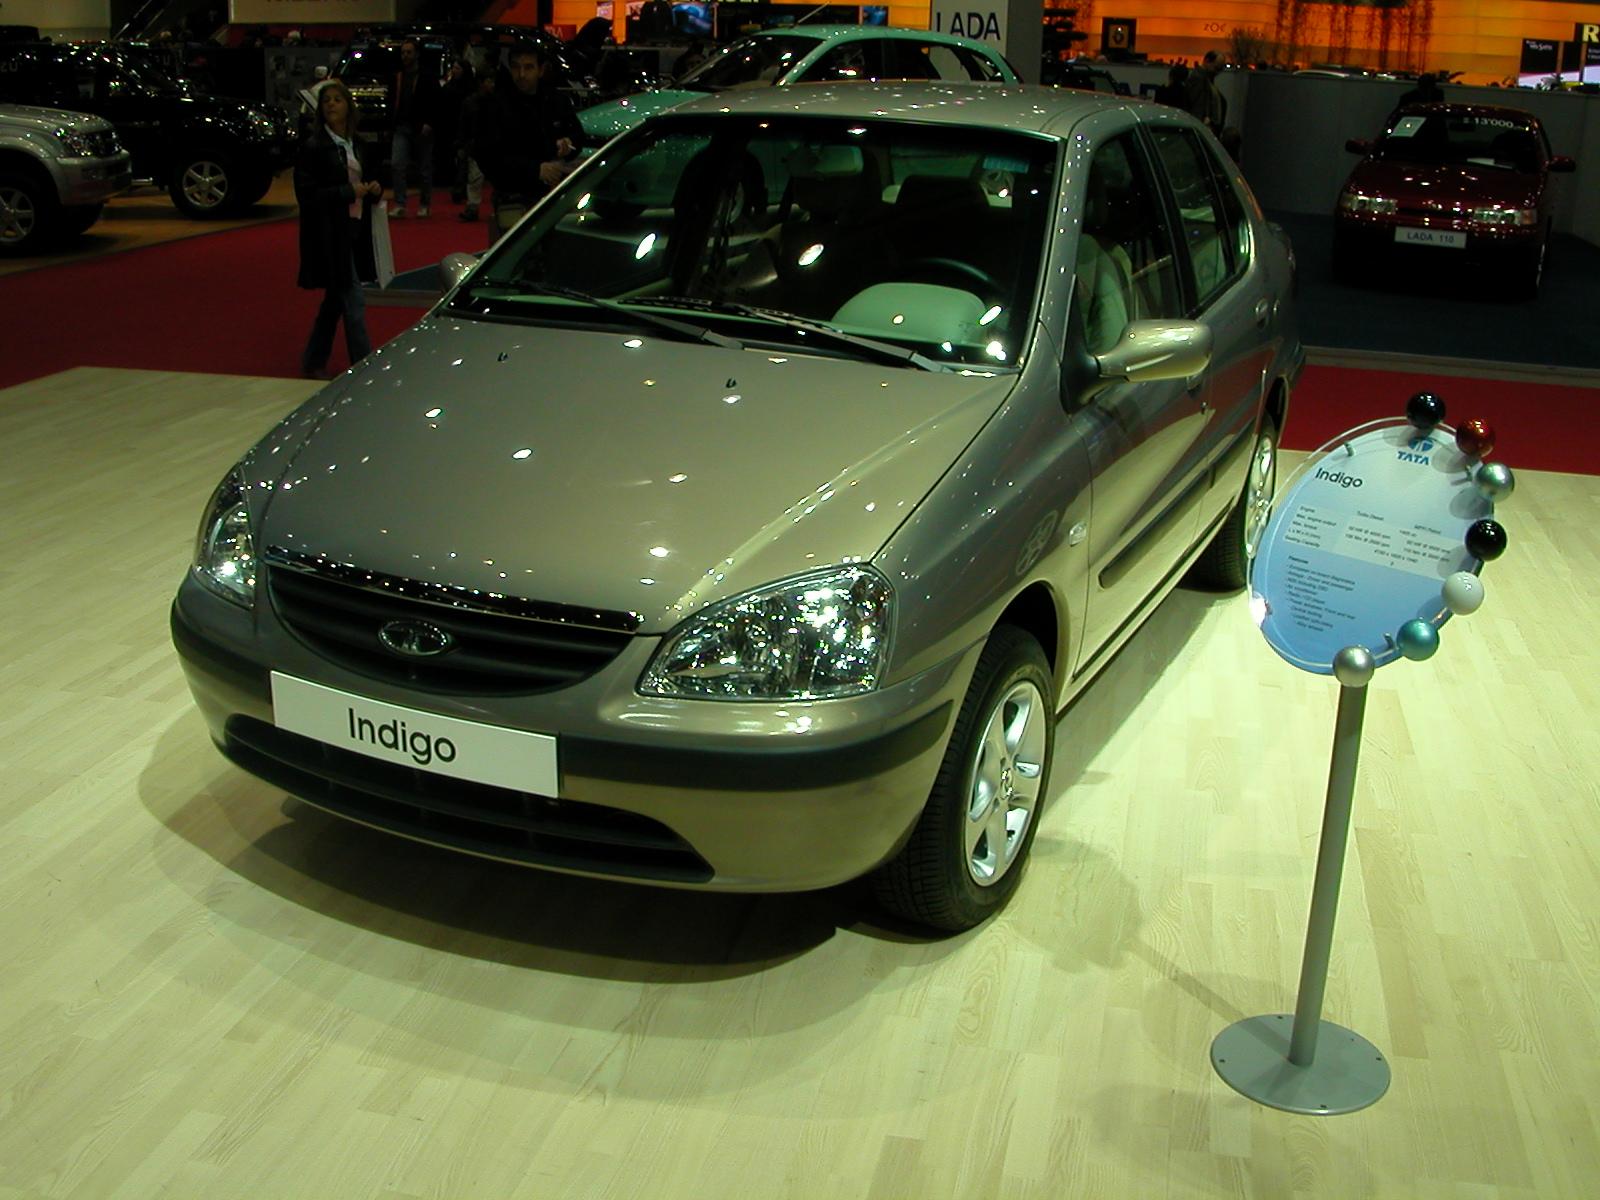 Villadia Auto Show 2012 Tata_Indigo_in_Geneva_2005